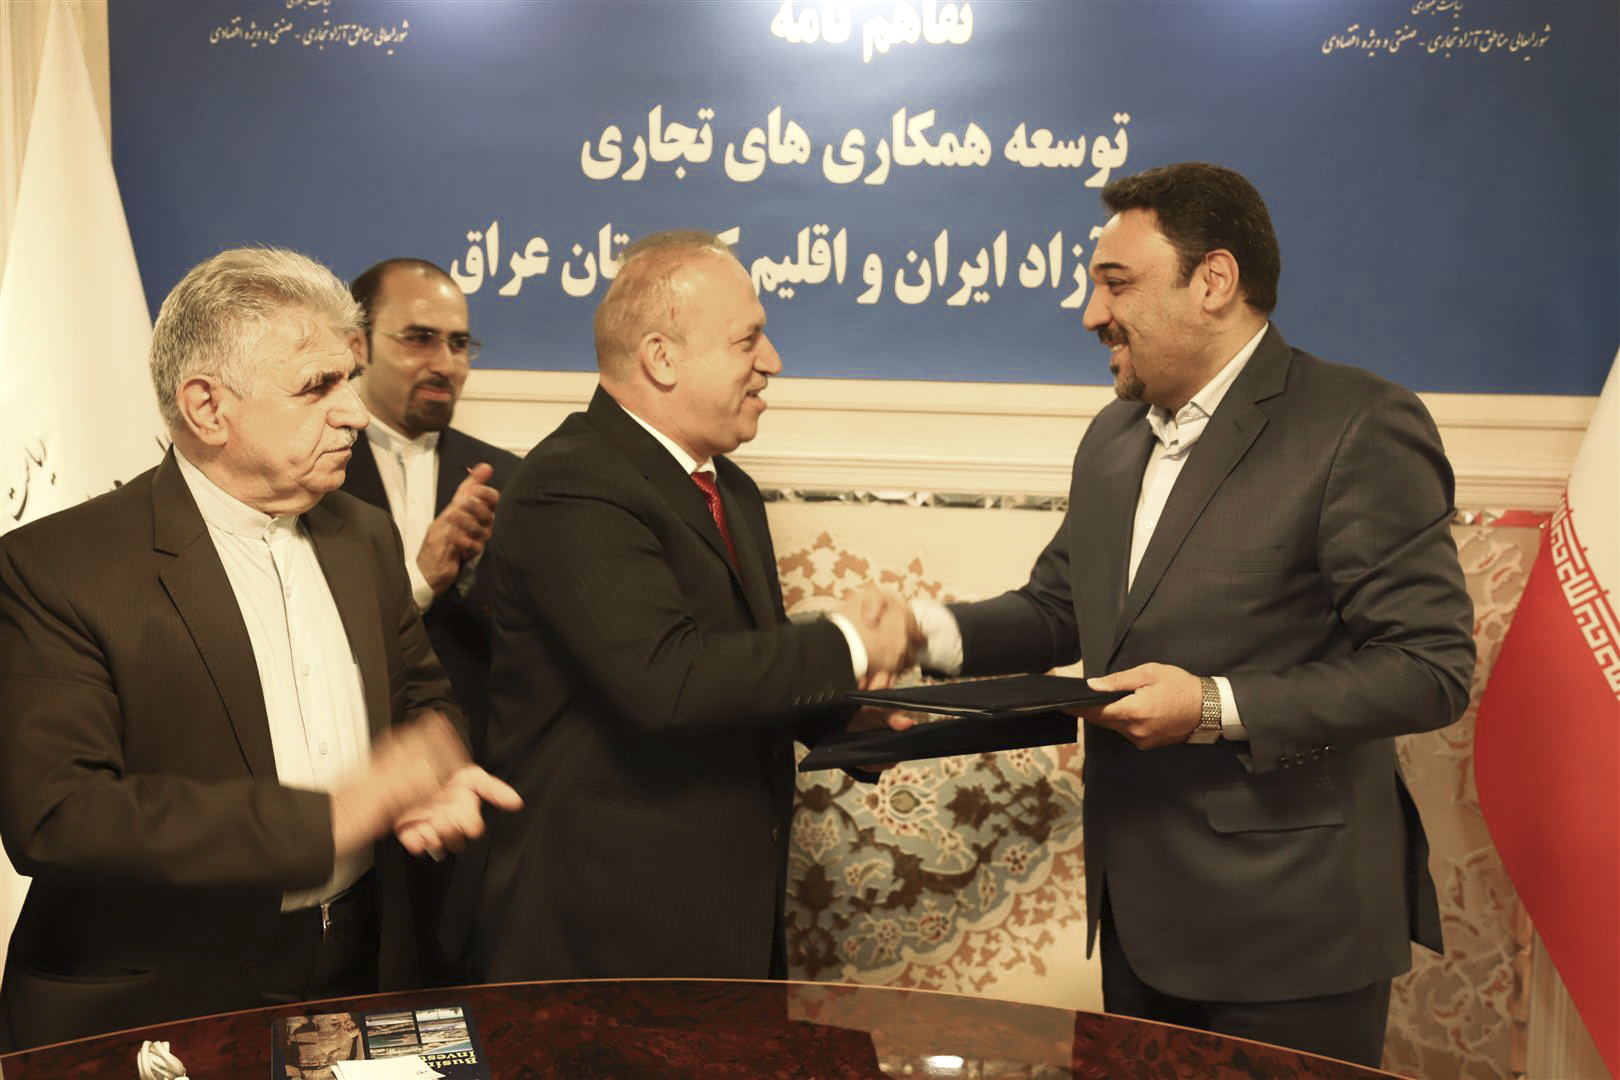 توسعه مبادلات تجاری مناطق آزاد ایران با اقلیم کردستان عراق